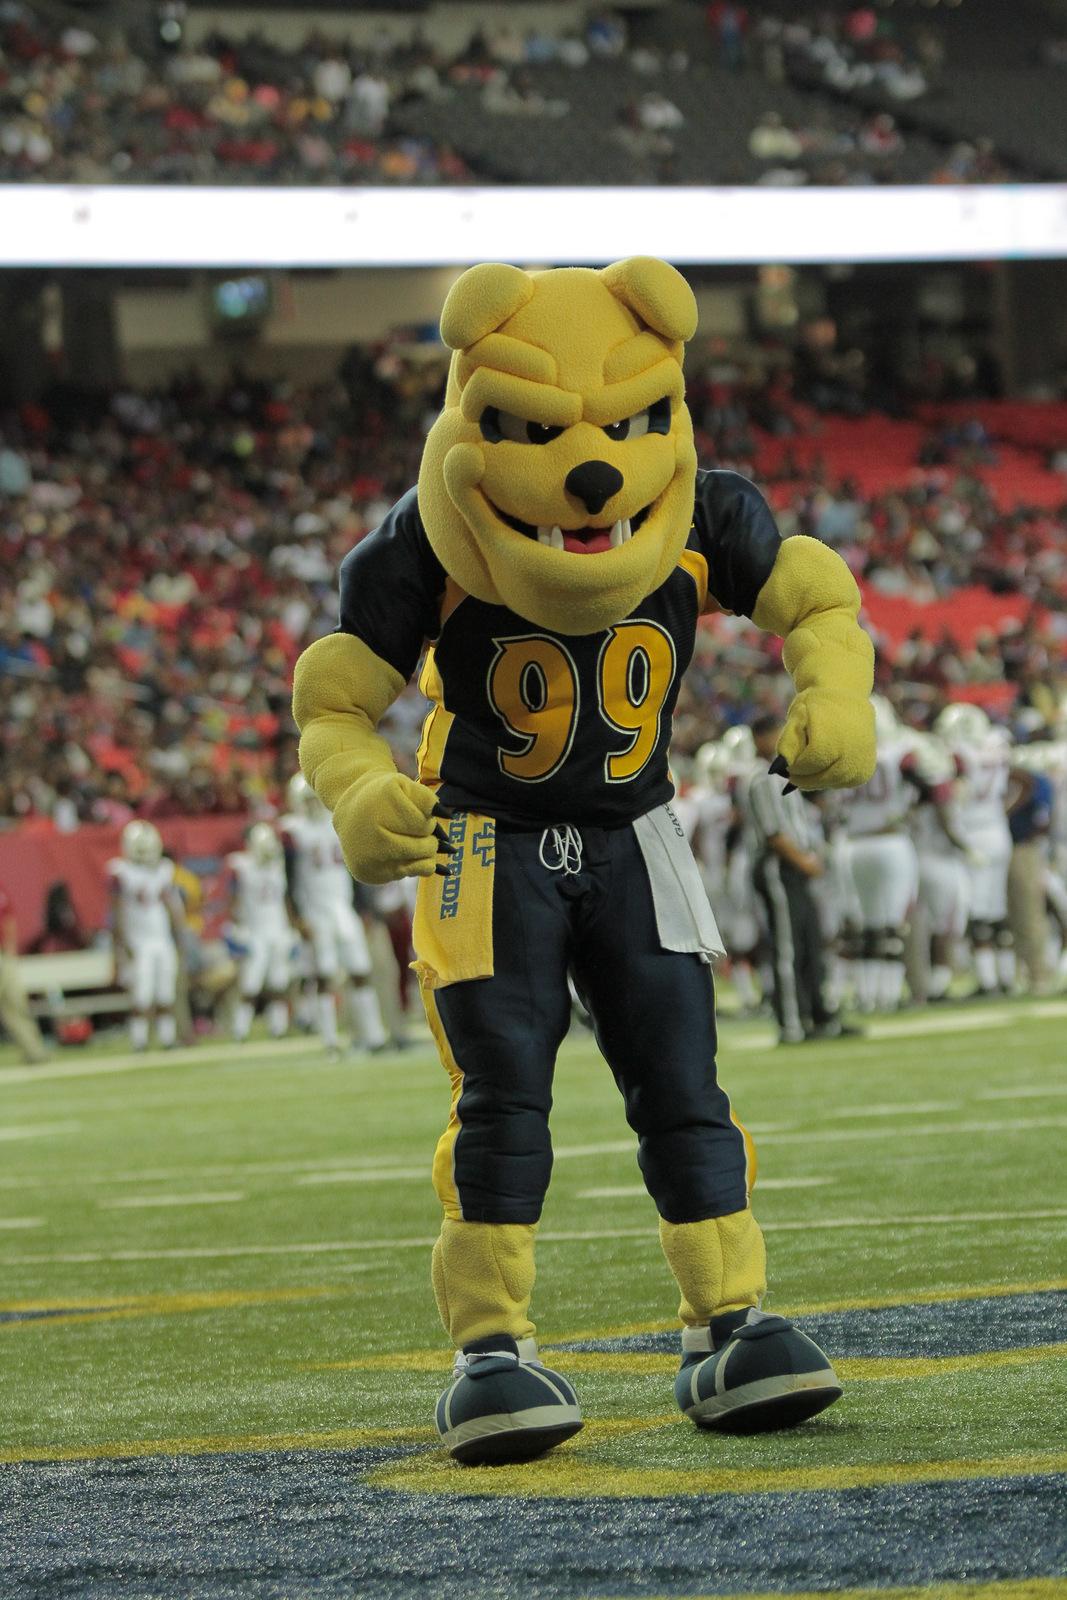 Aggies mascot of North Carolina A&T at the Atlant...